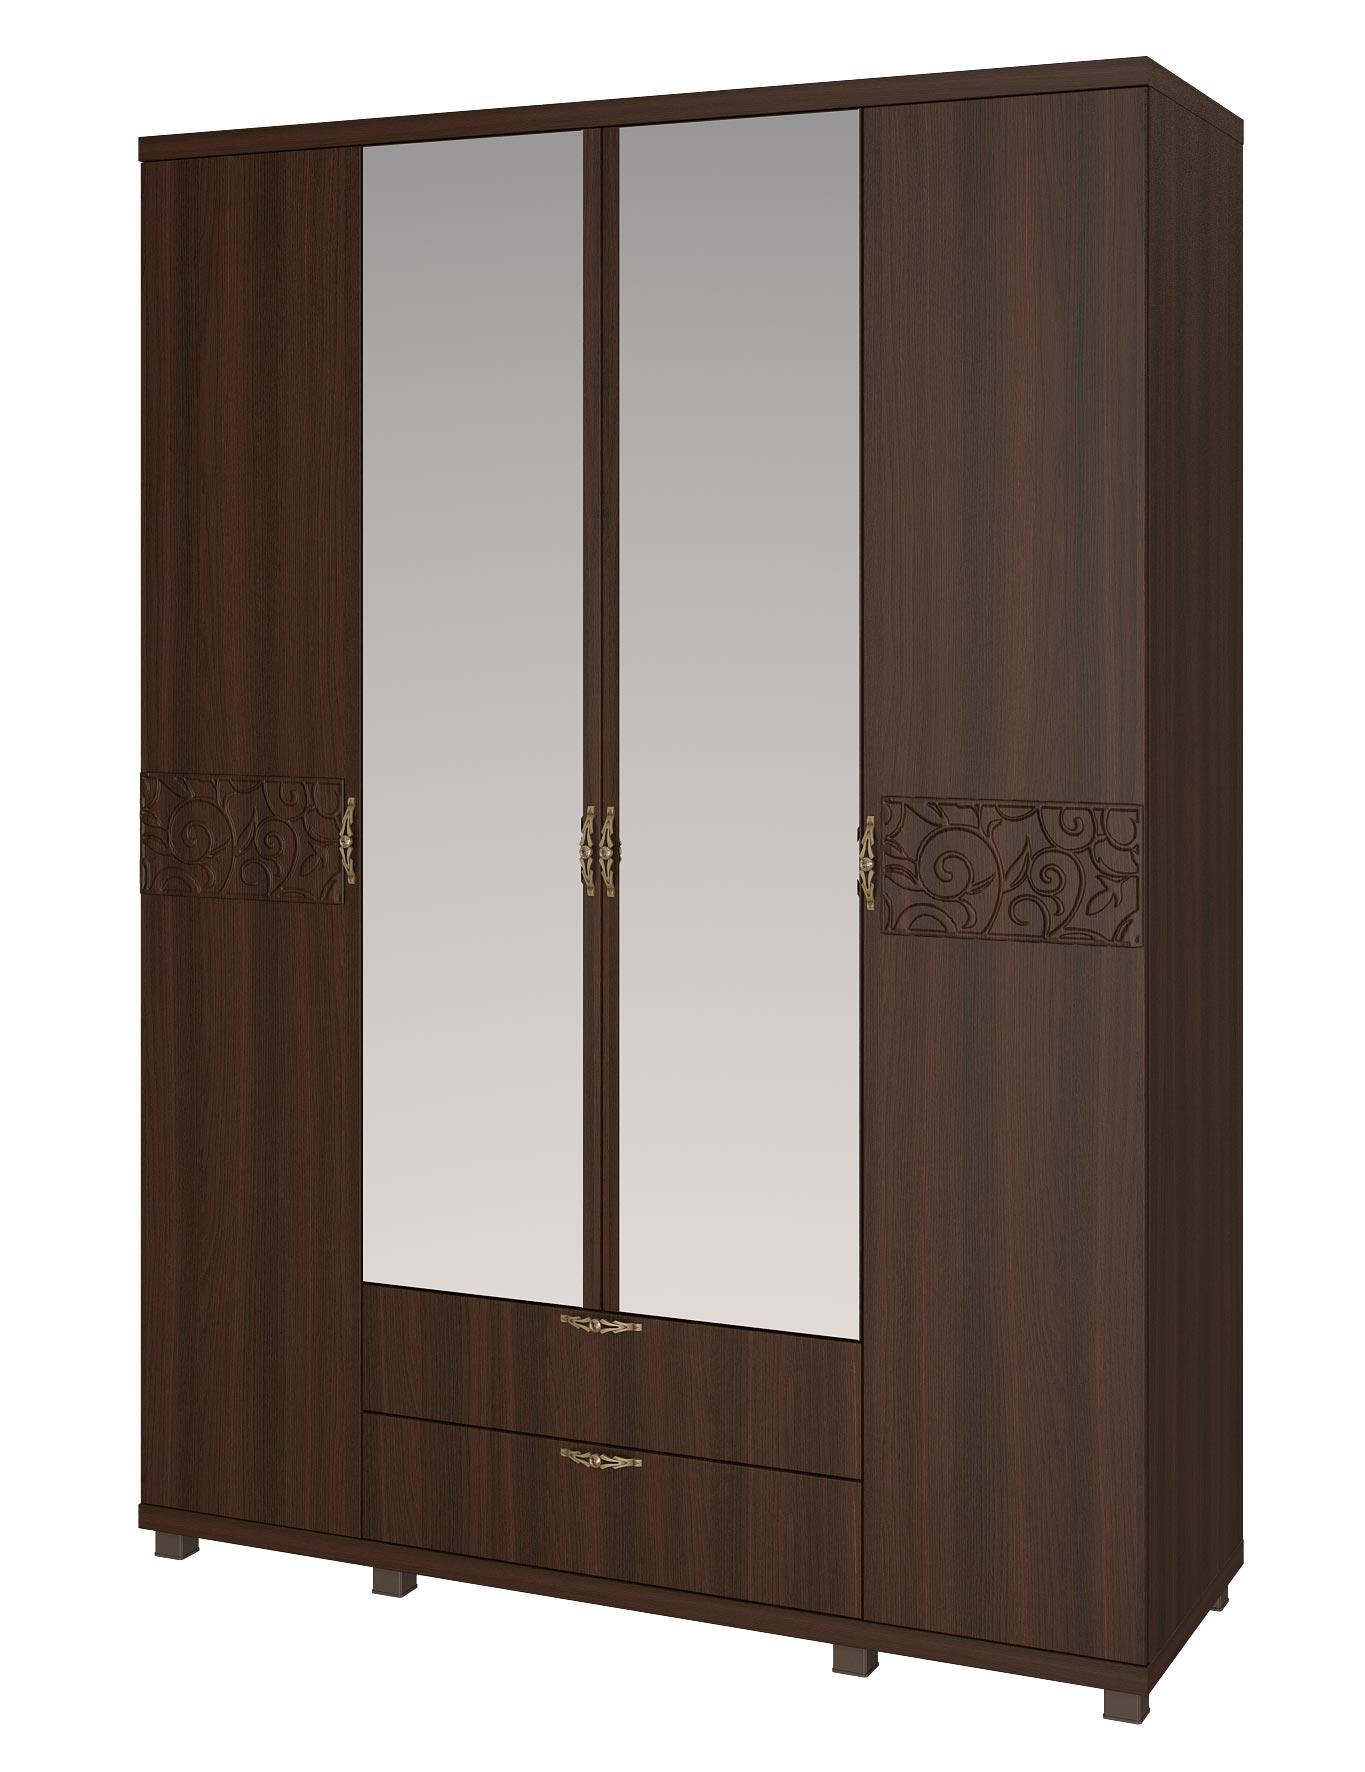 Шкаф 4х дверный для одежды с ящиками Арника Ирис дуб тортона, арт. 06